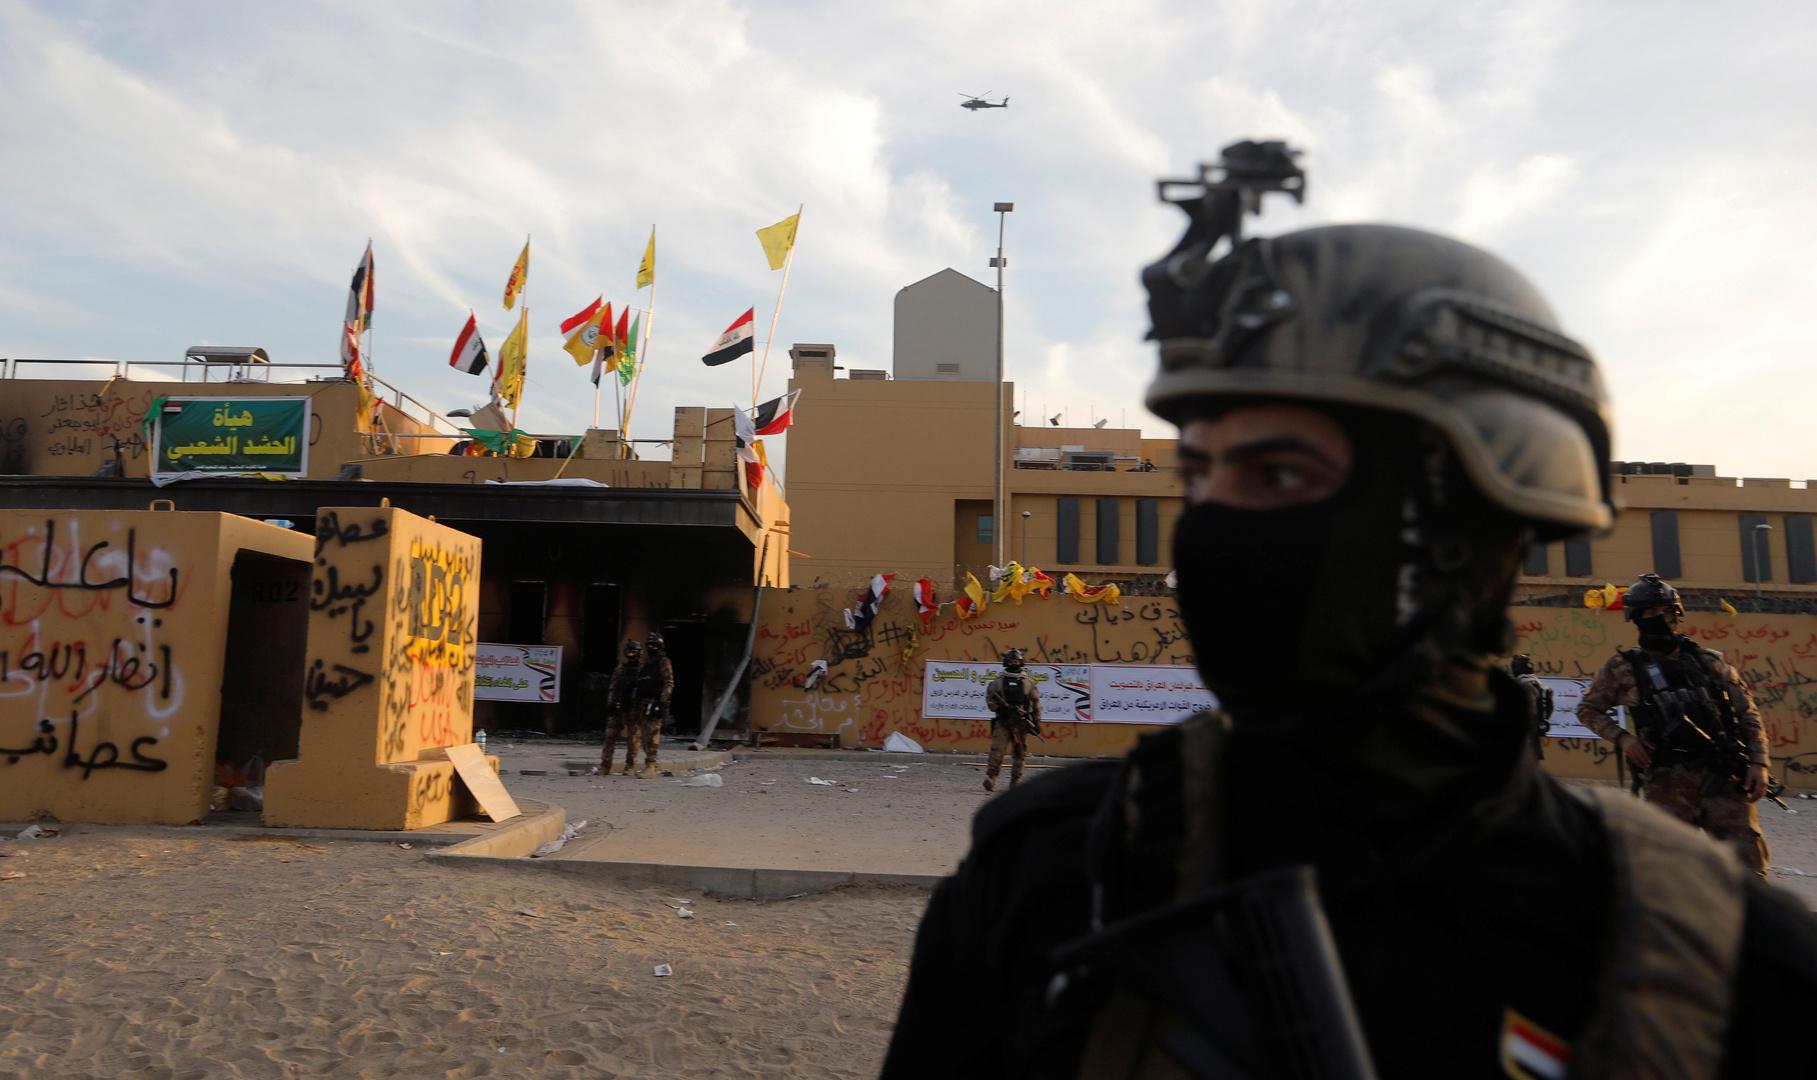 ائتلاف المالكي: الولايات المتحدة تسعى لإعادة العراق للبند السابع